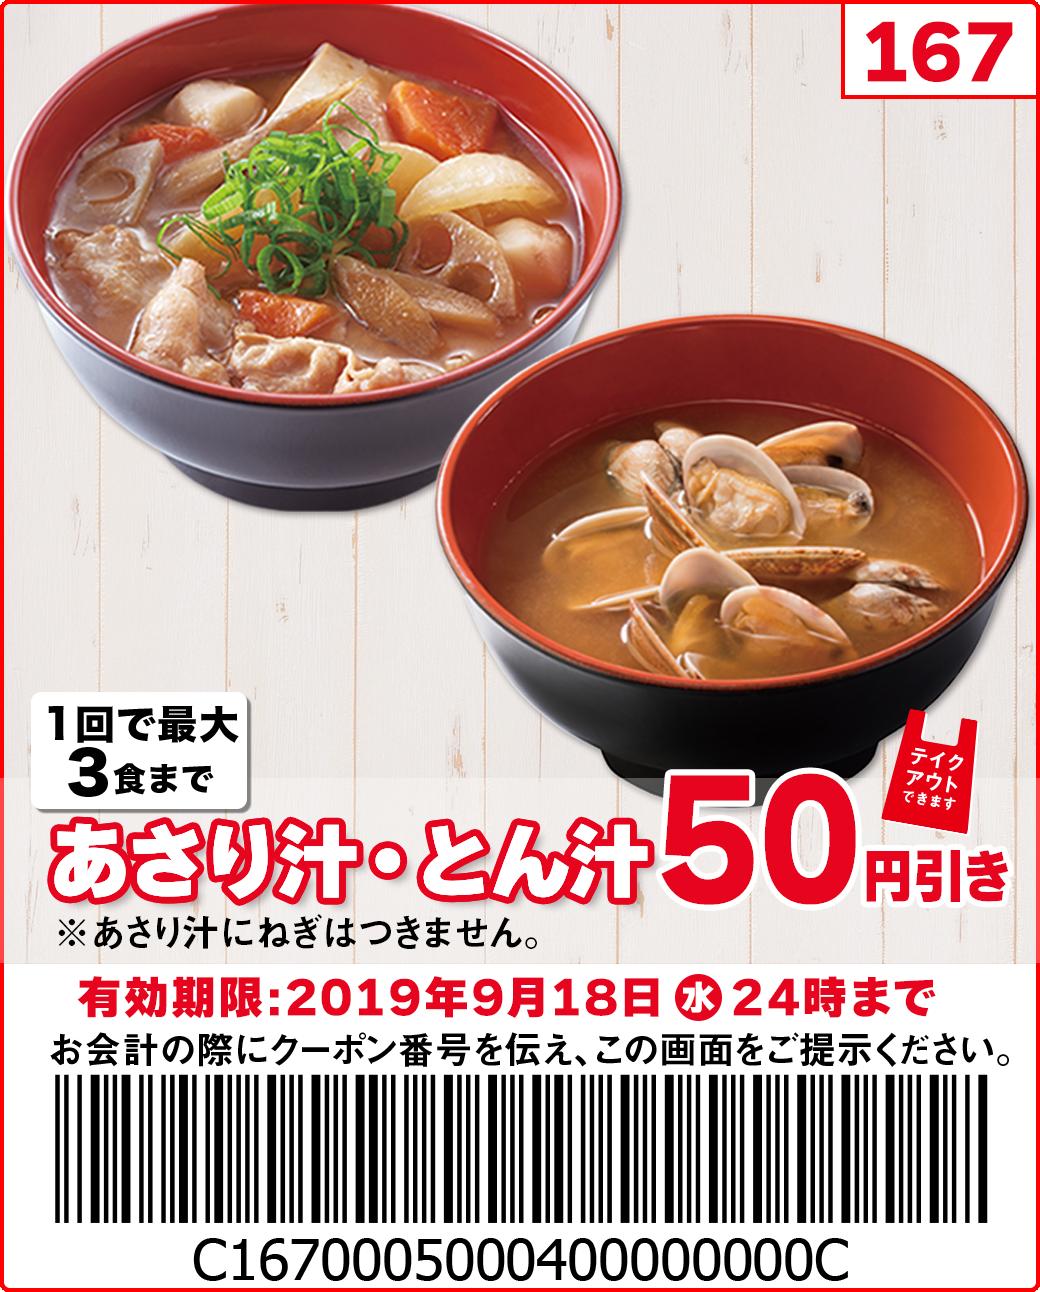 吉野家のLINEクーポンであさり汁・しじみ汁・豚汁が50円引きとなるクーポンを配信中。